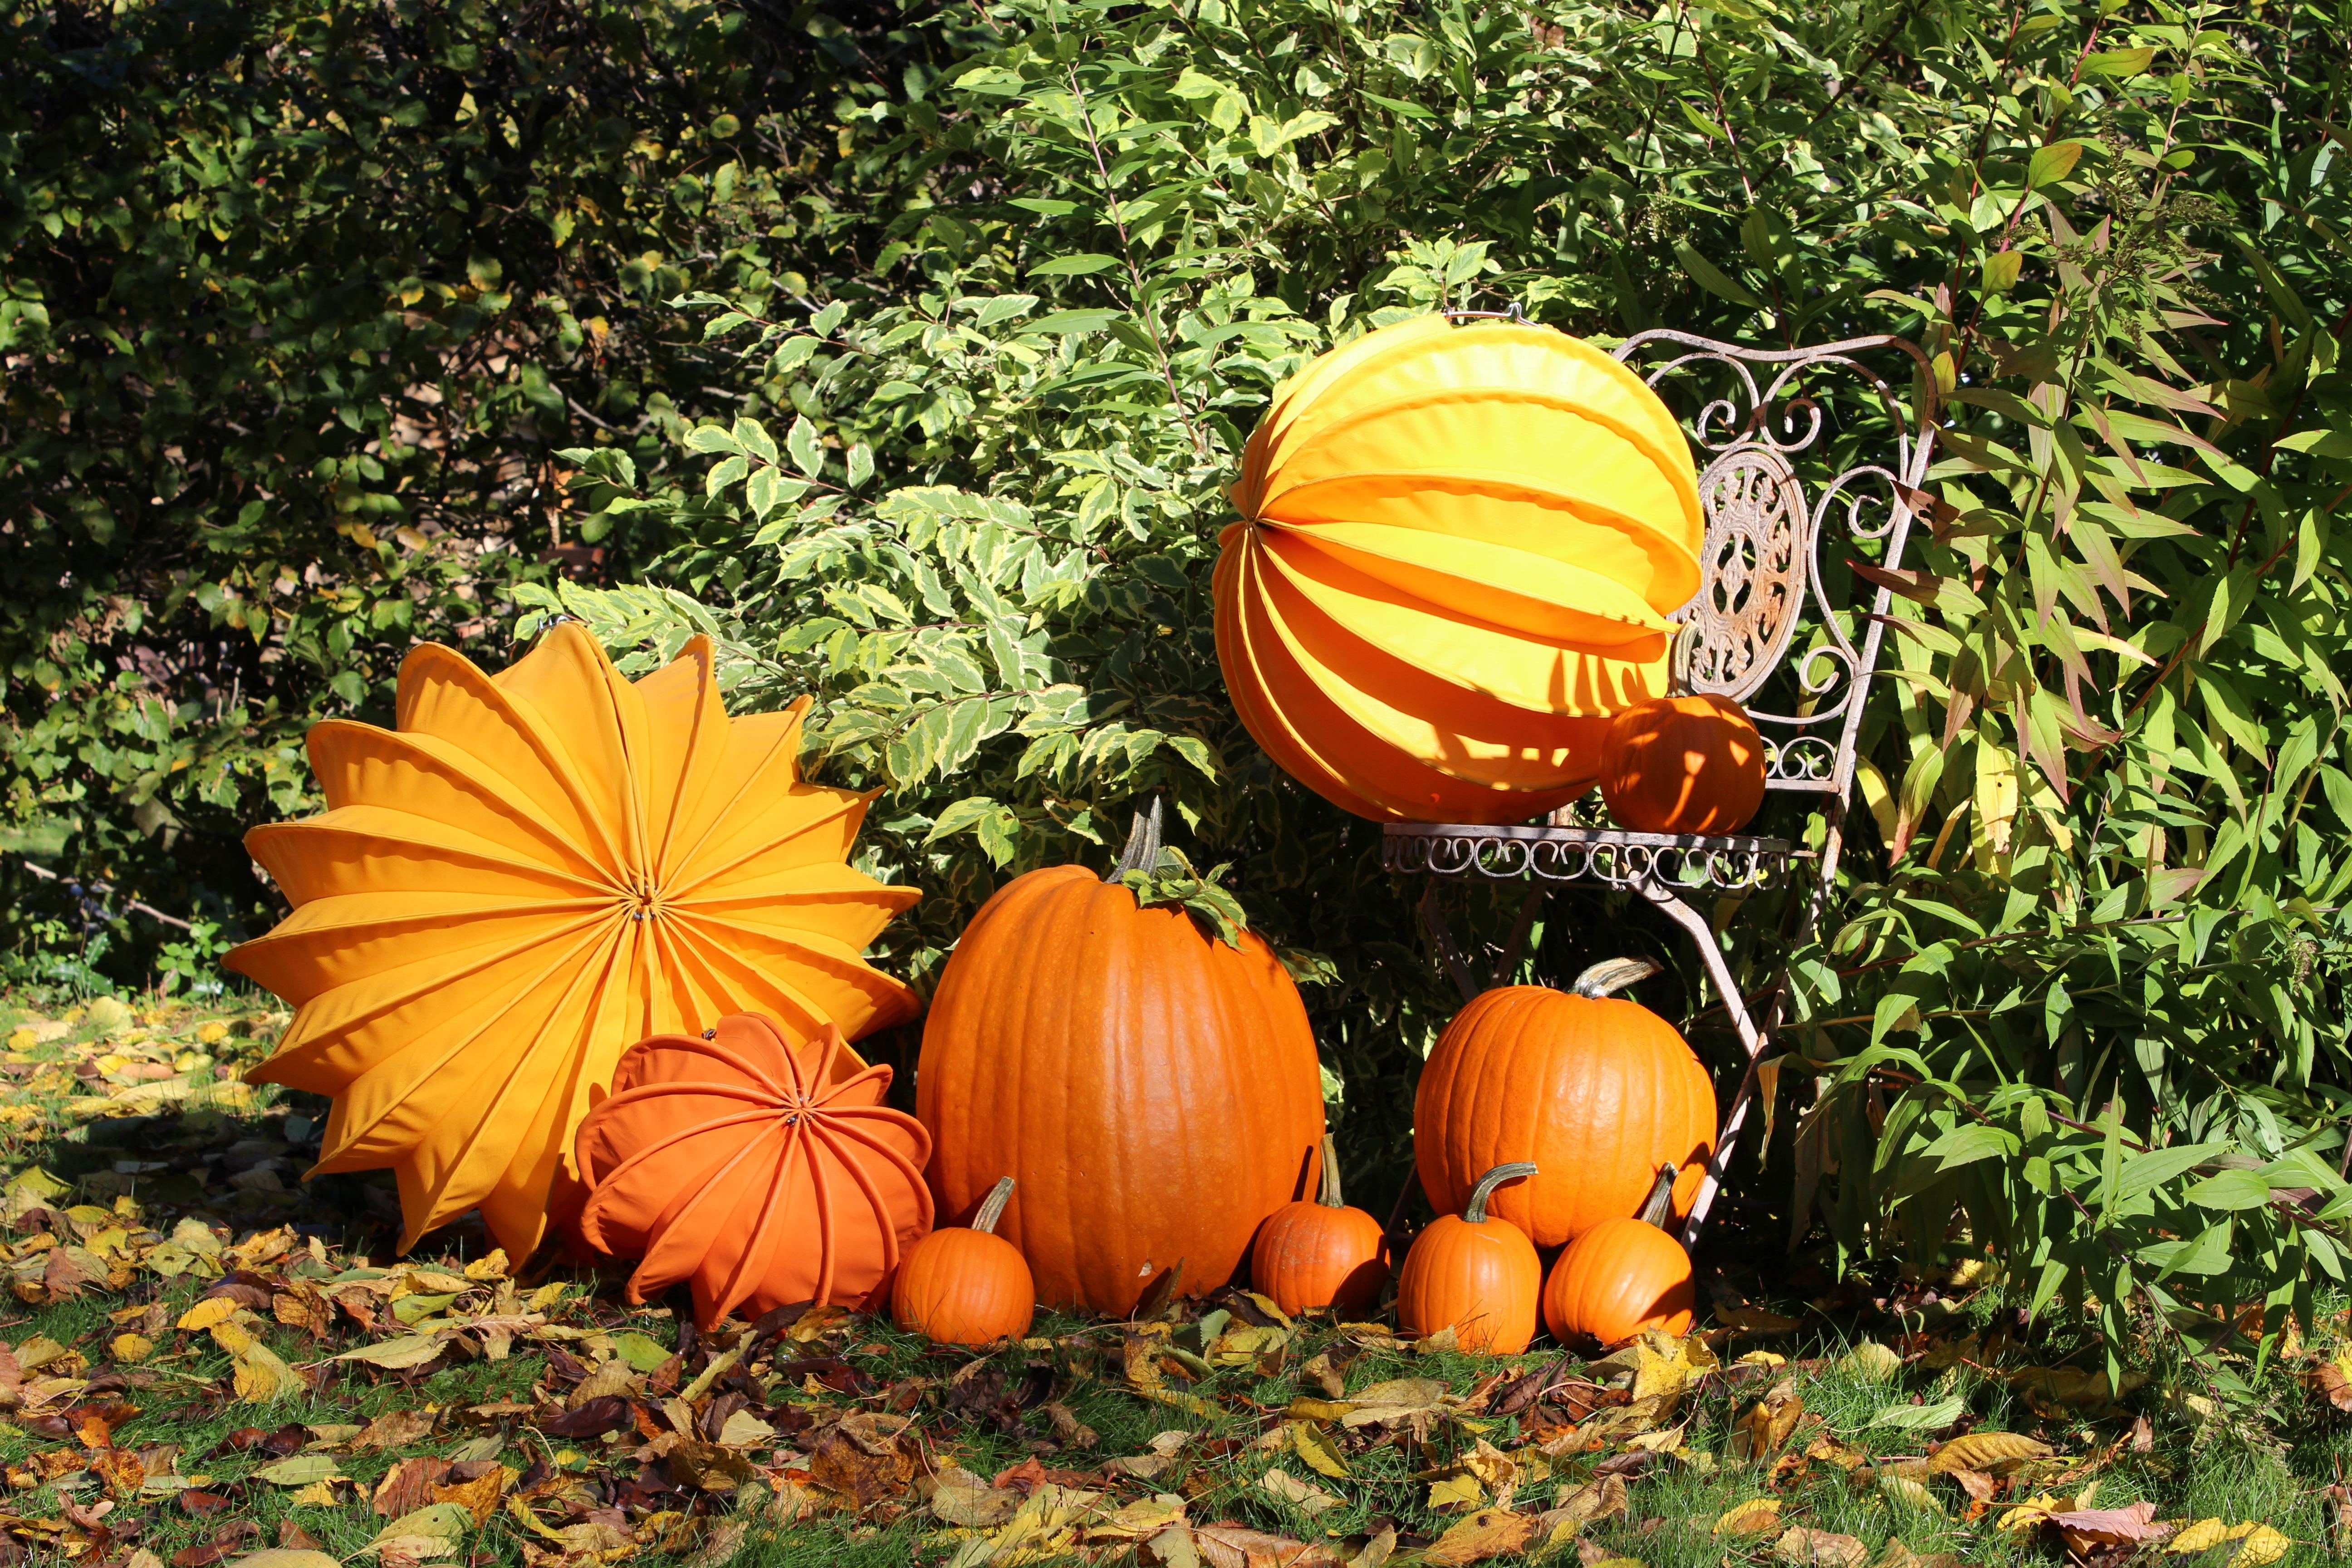 free images tree grass plant fruit leaf orange produce